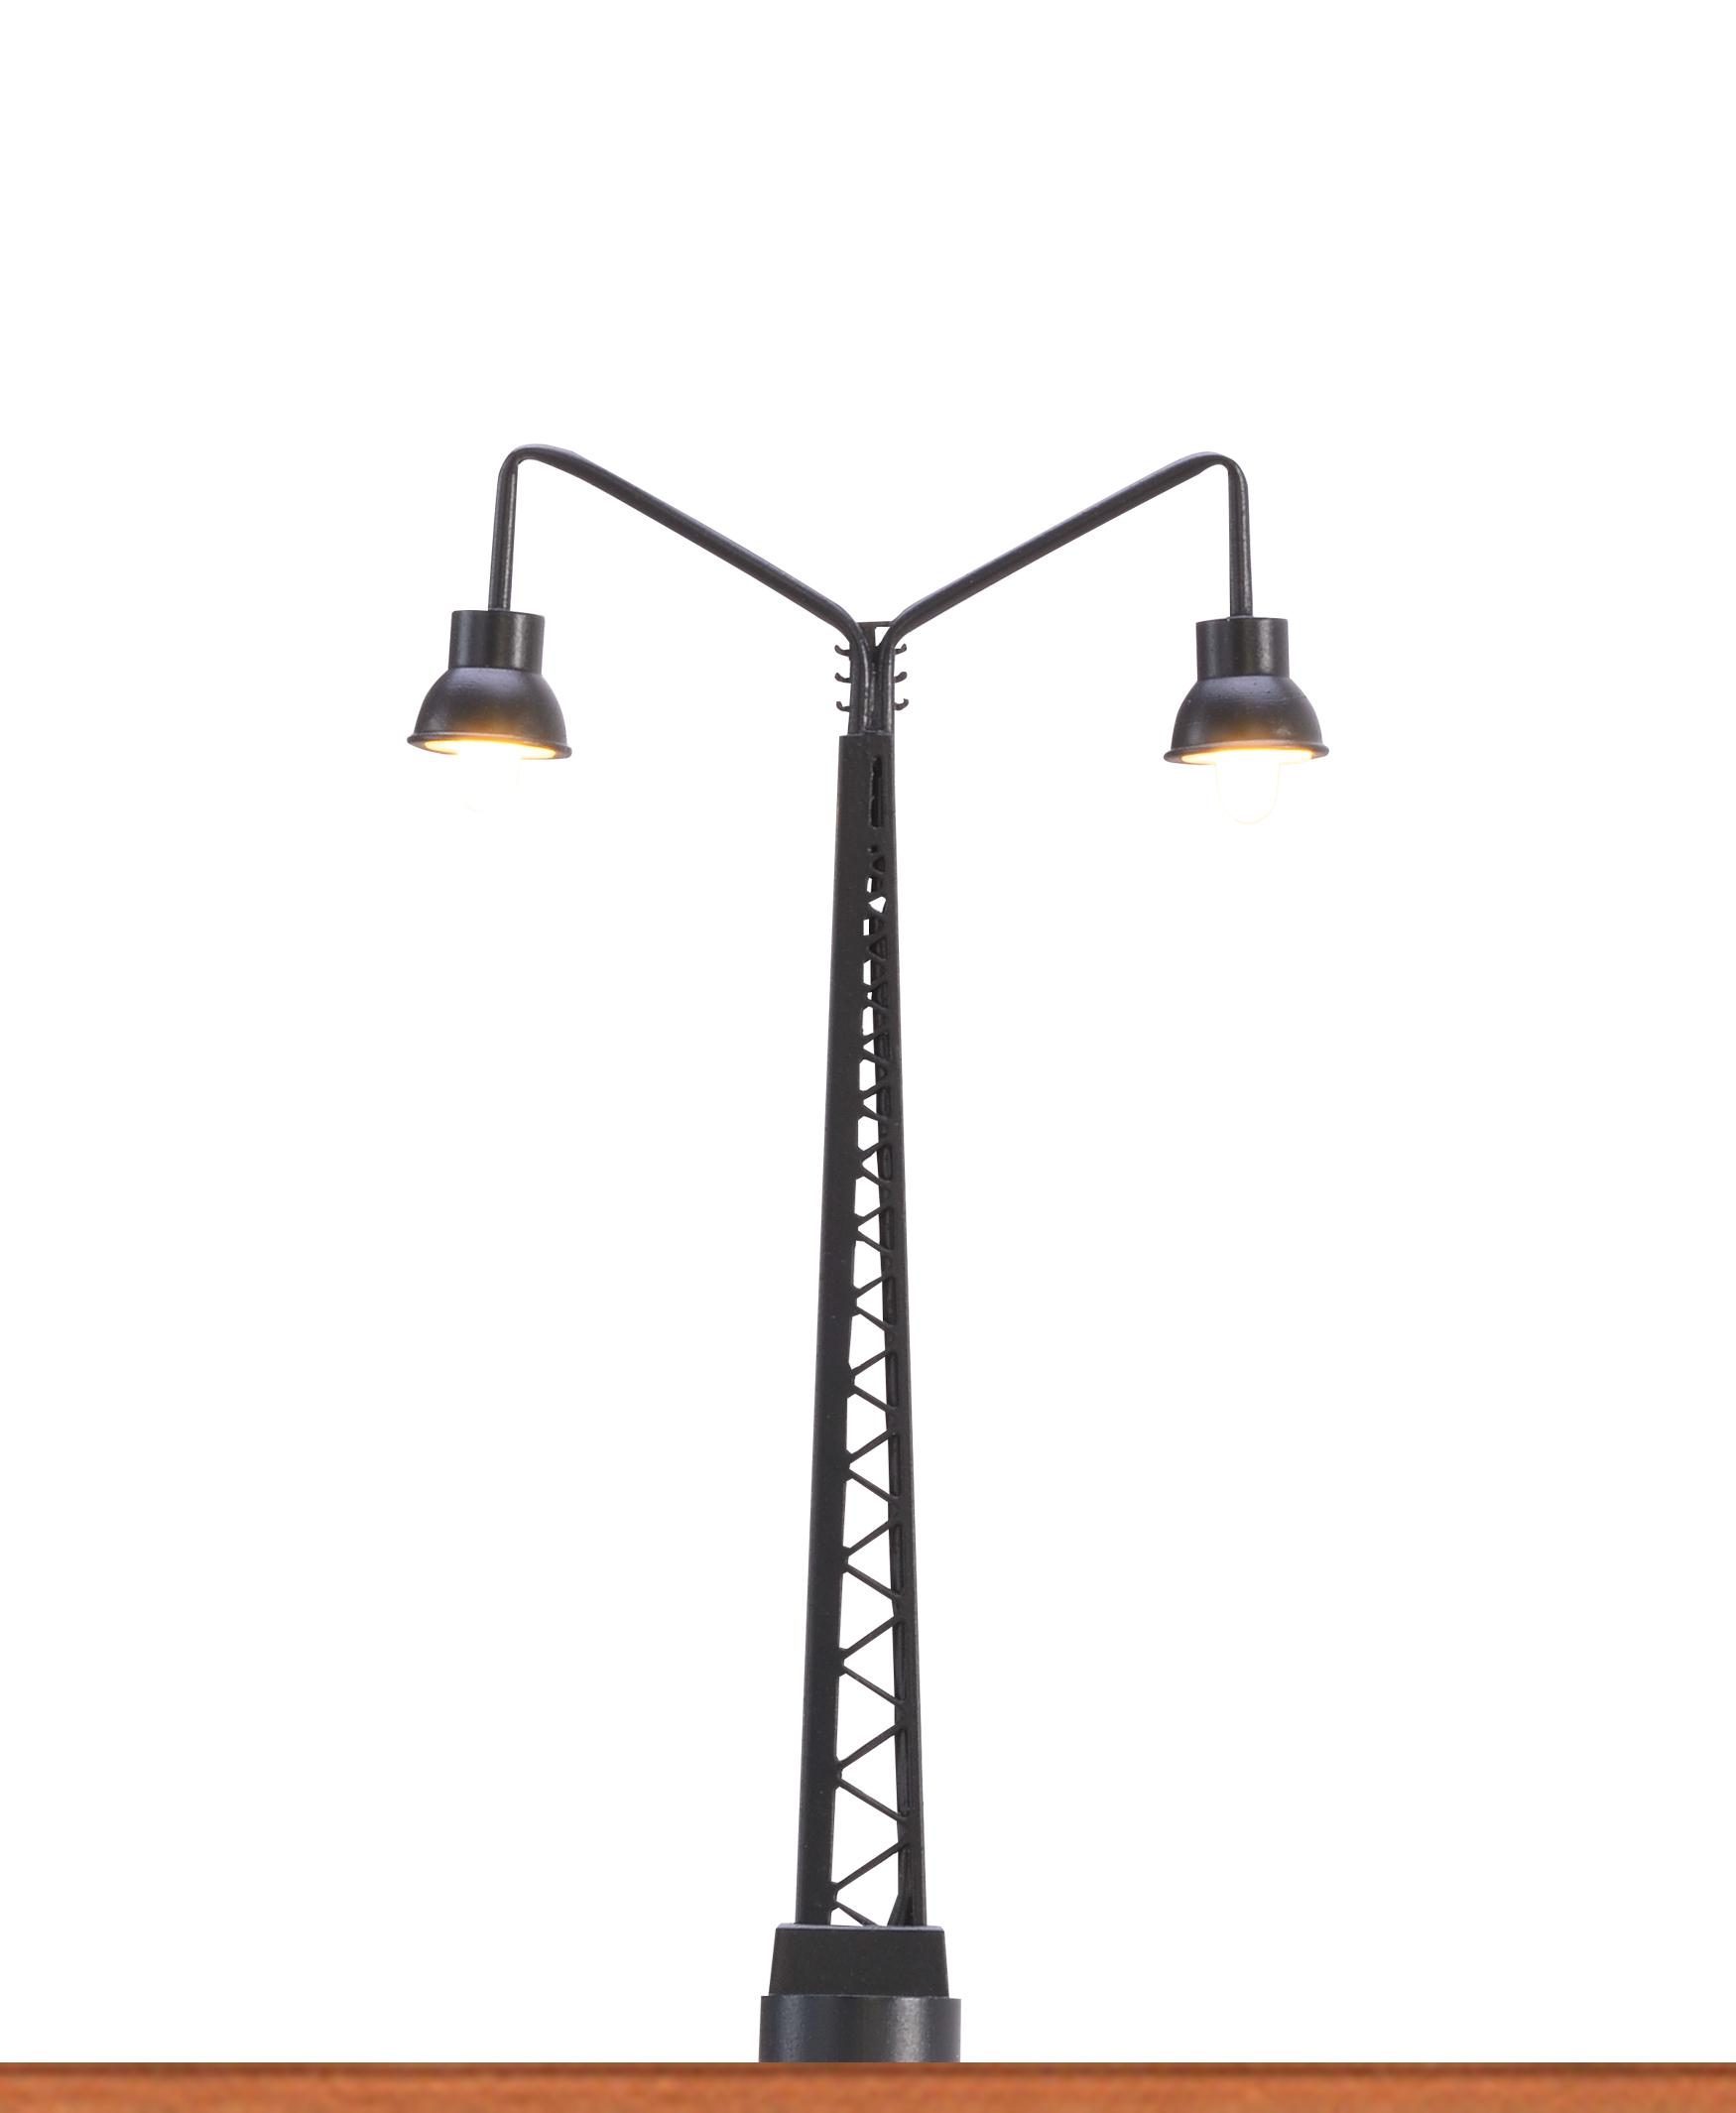 LED-Gittermastleuchte 2-fach